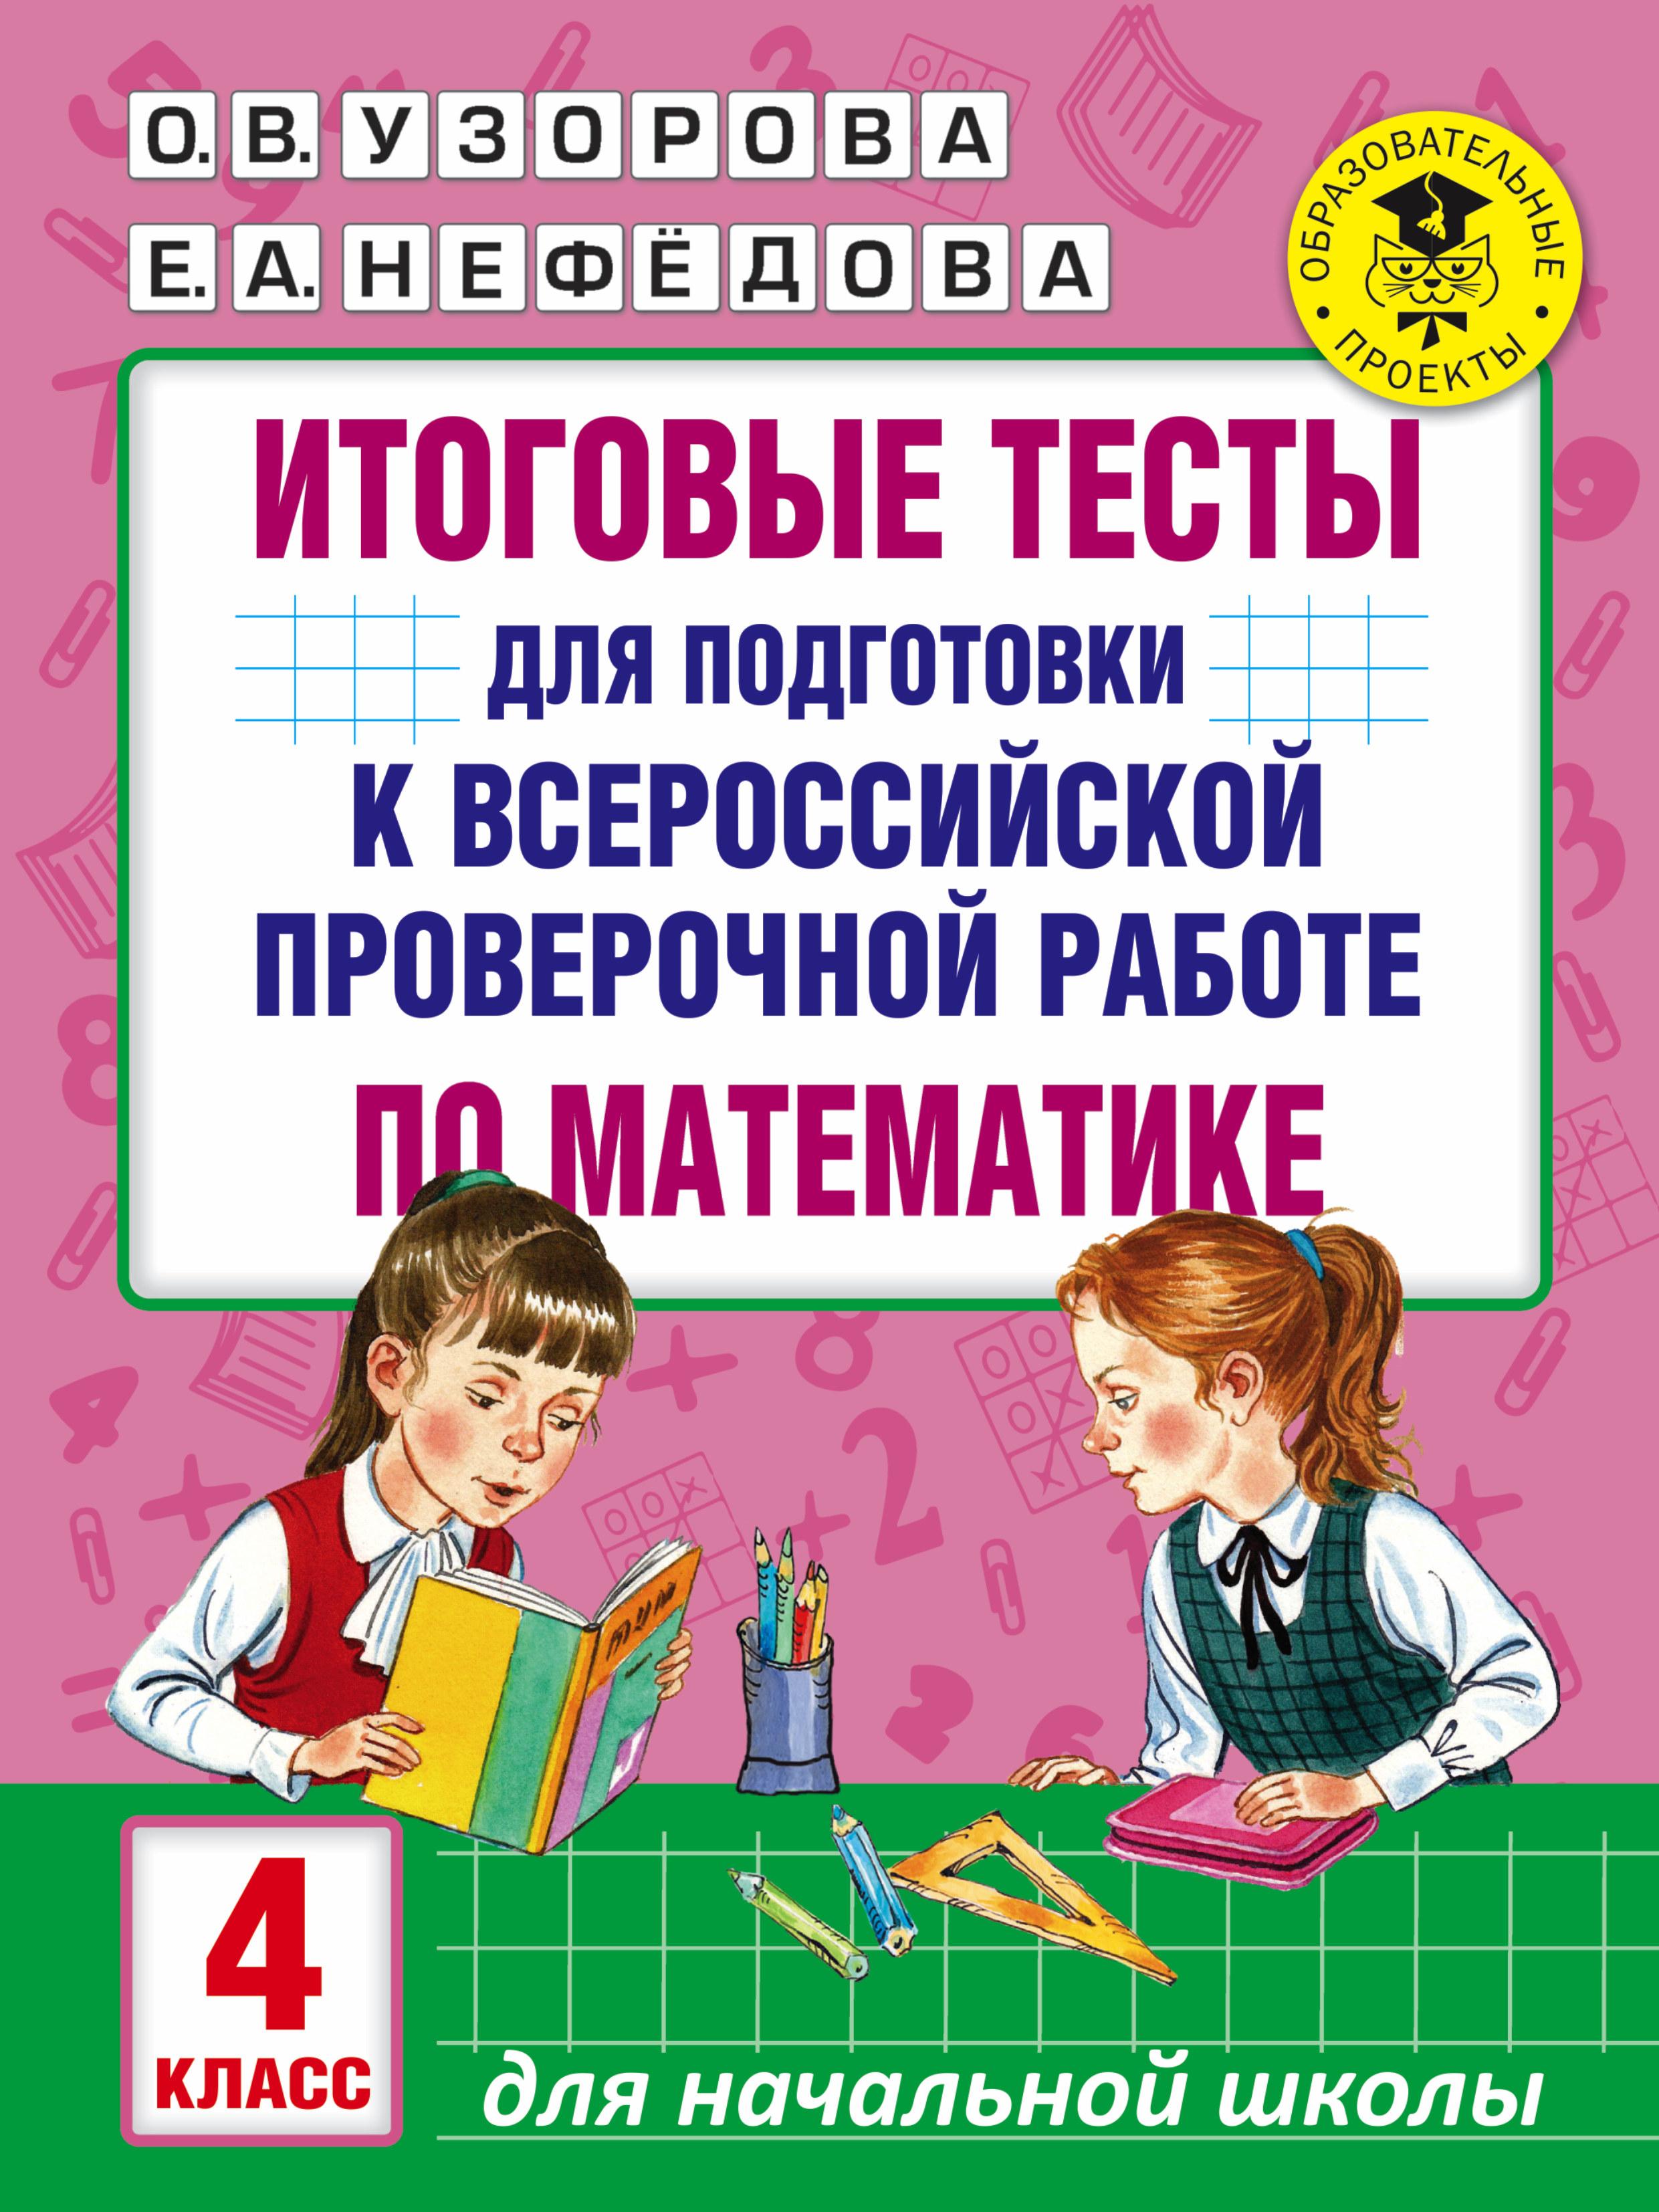 Узорова О.В. Итоговые тесты для подготовки к всероссийской проверочной работе по математике. 4 класс о в узорова летние задания по математике для повторения и закрепления учебного материала 1 класс